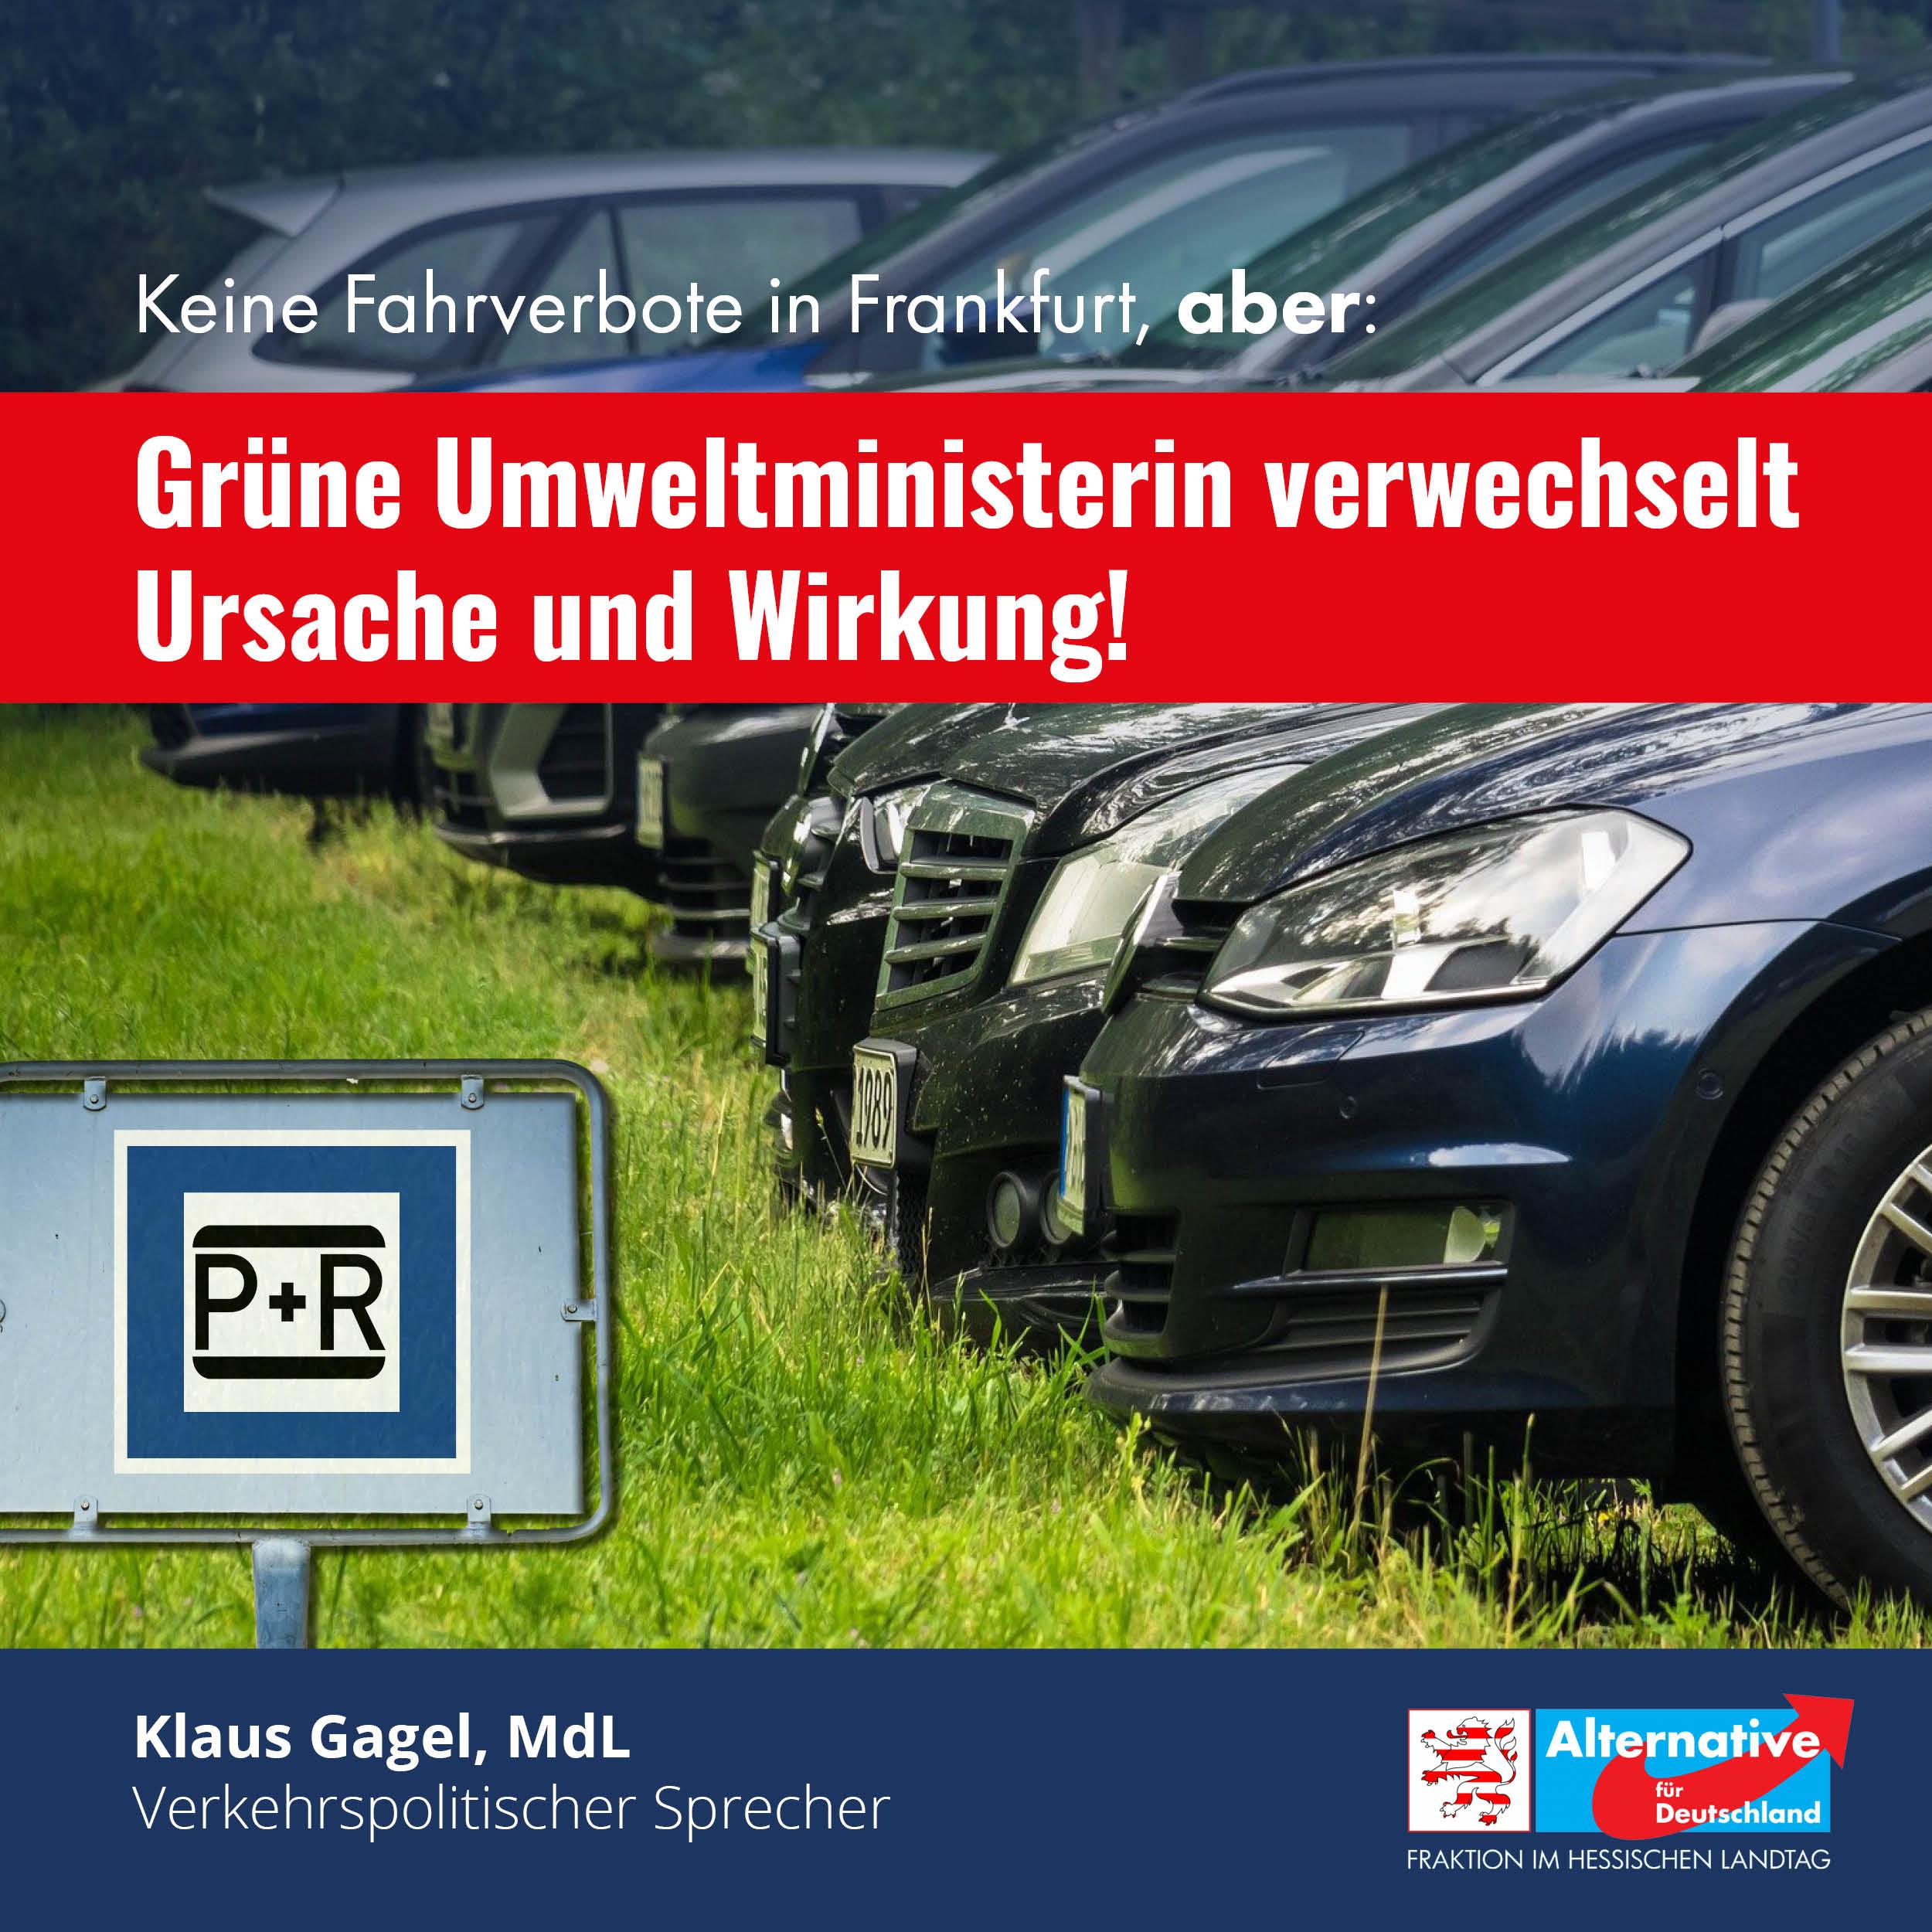 You are currently viewing Fahrverbote in Frankfurt vom Tisch, aber Hinz verwechselt Ursache und Wirkung!